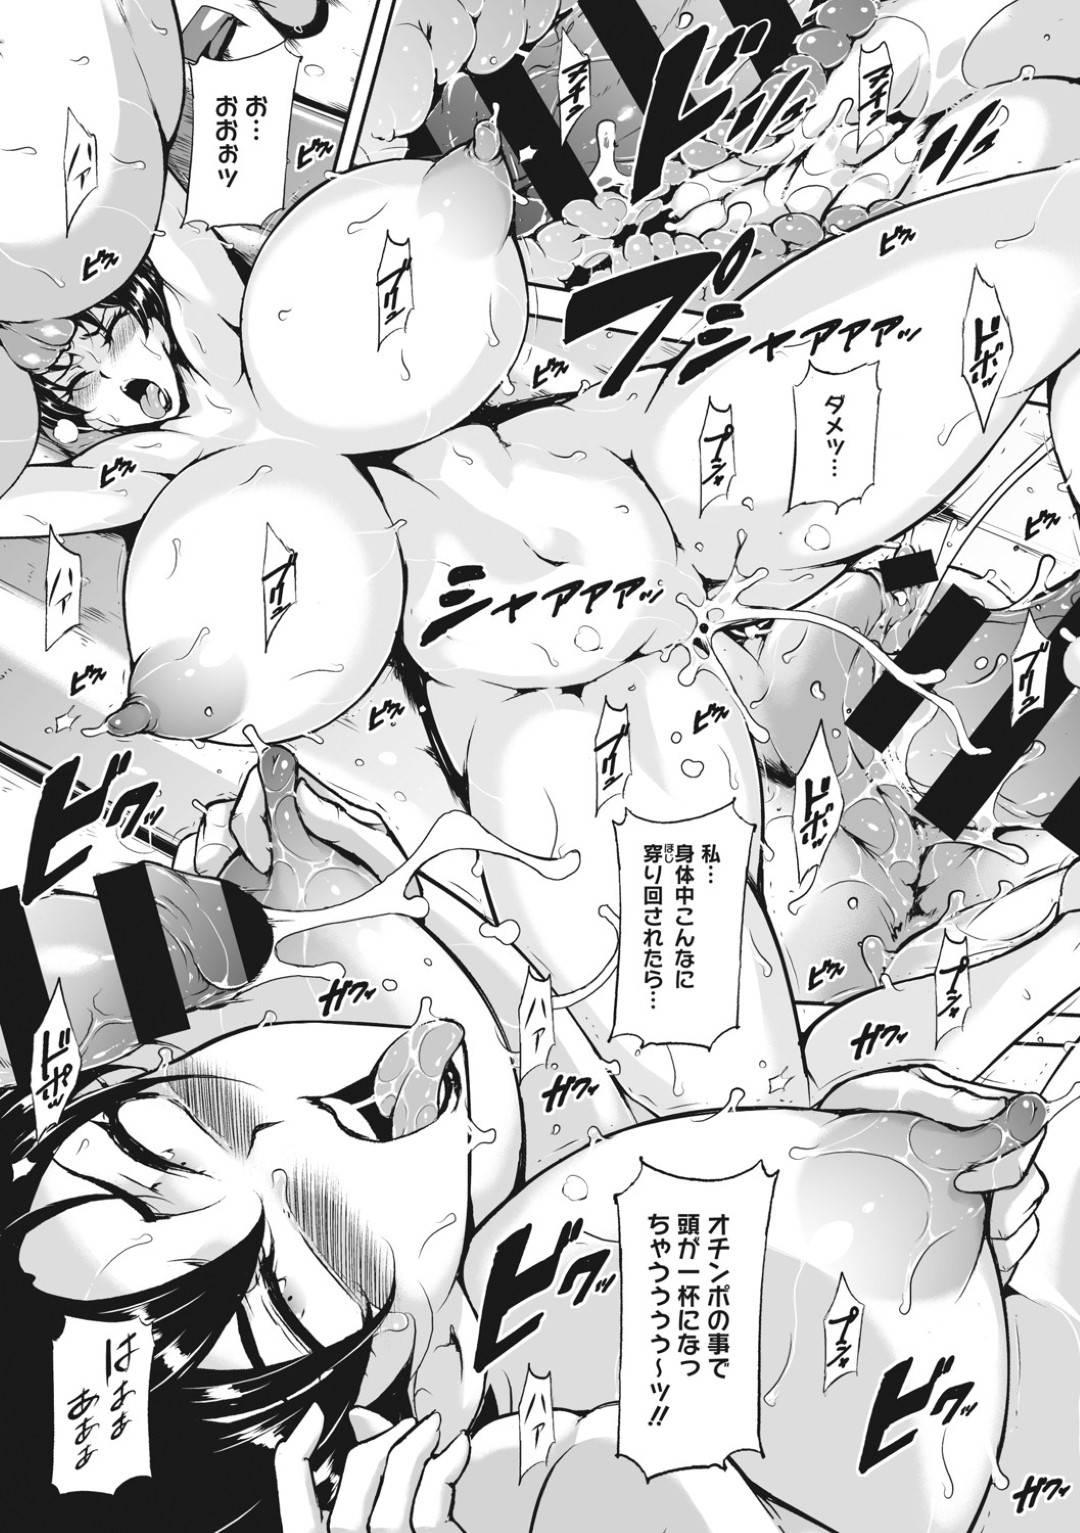 【エロ漫画】息子の推薦入学の内定取り消しを防ぐためにボランティア活動をすることになったムチムチの爆乳人妻…ど変態な体操着姿で集団レイプされ中出しセックスで快楽堕ちする!